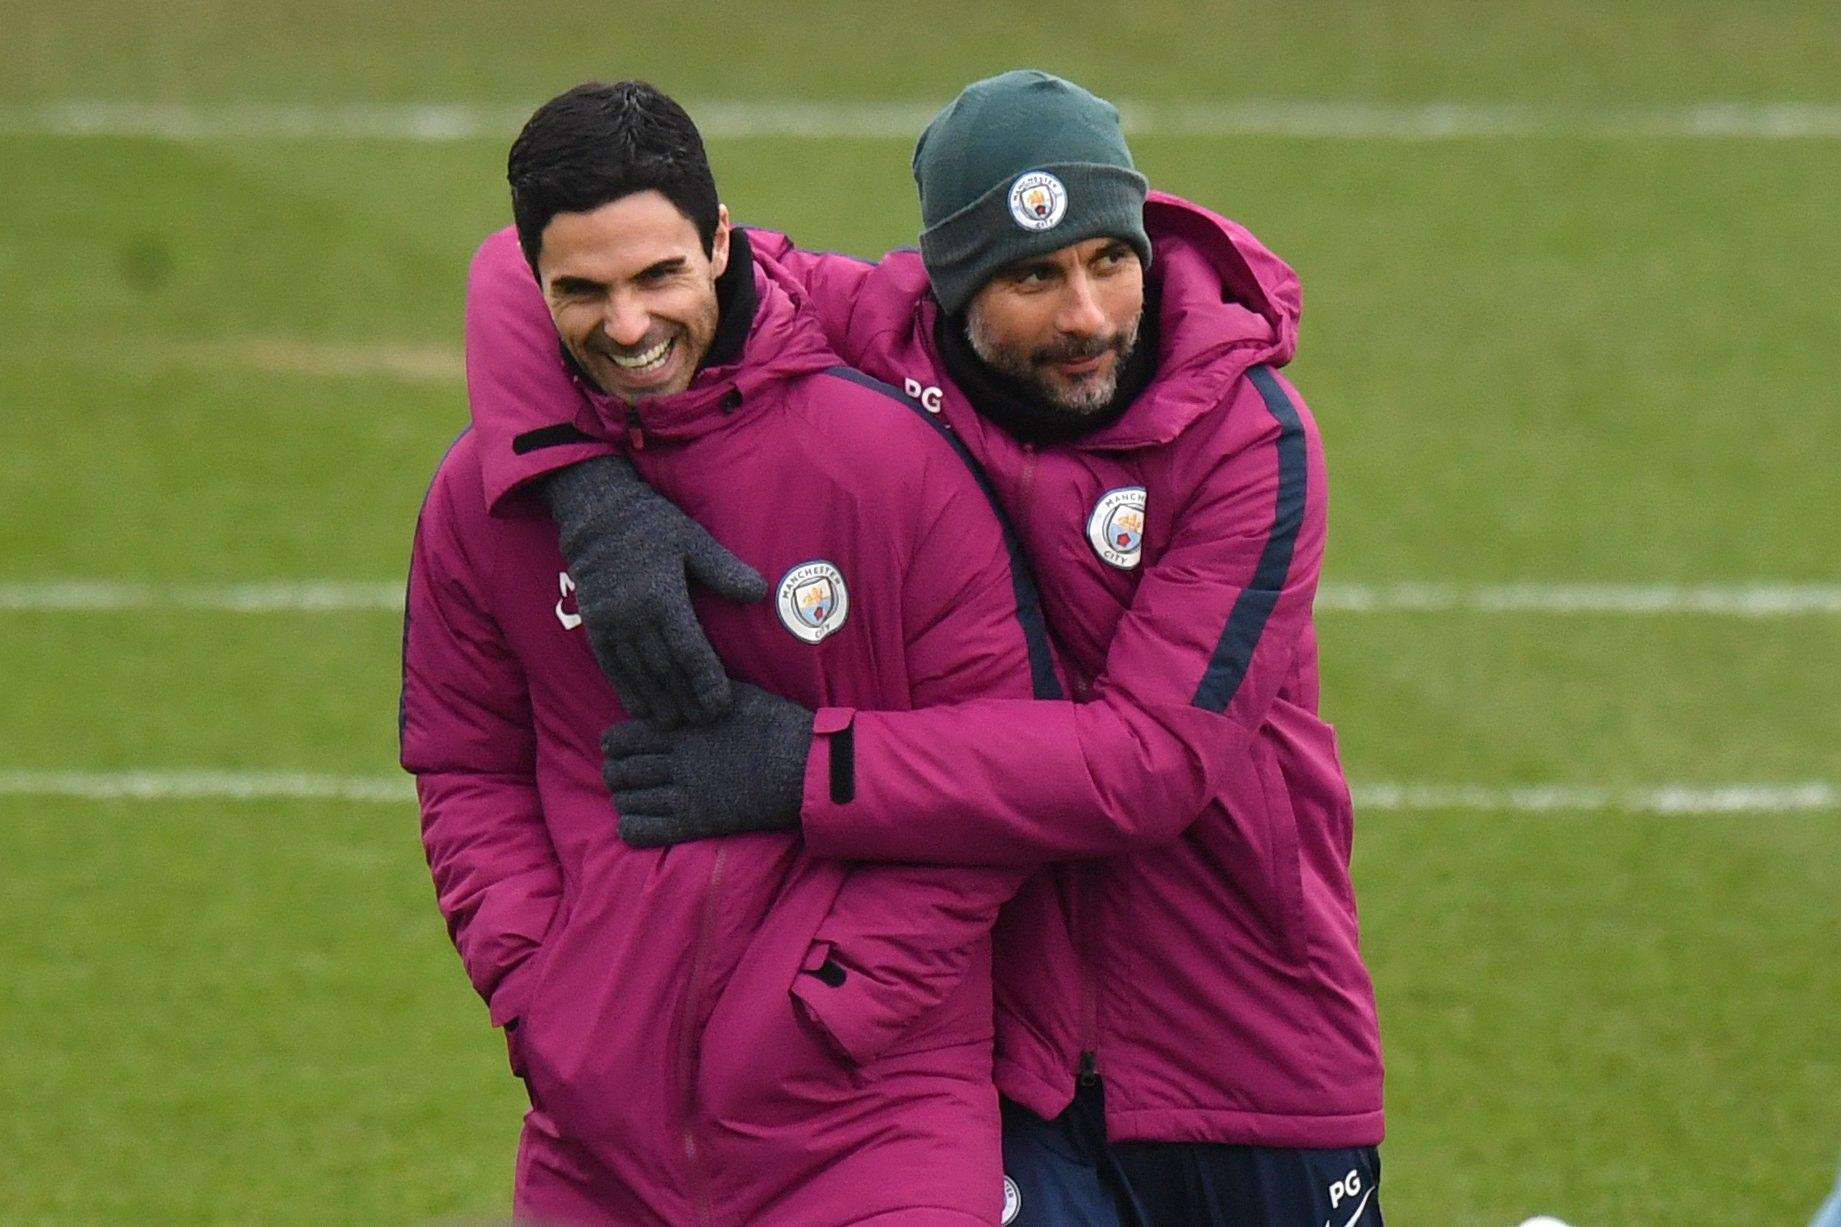 Arteta is now working alongside his childhood hero Pep Guardiola